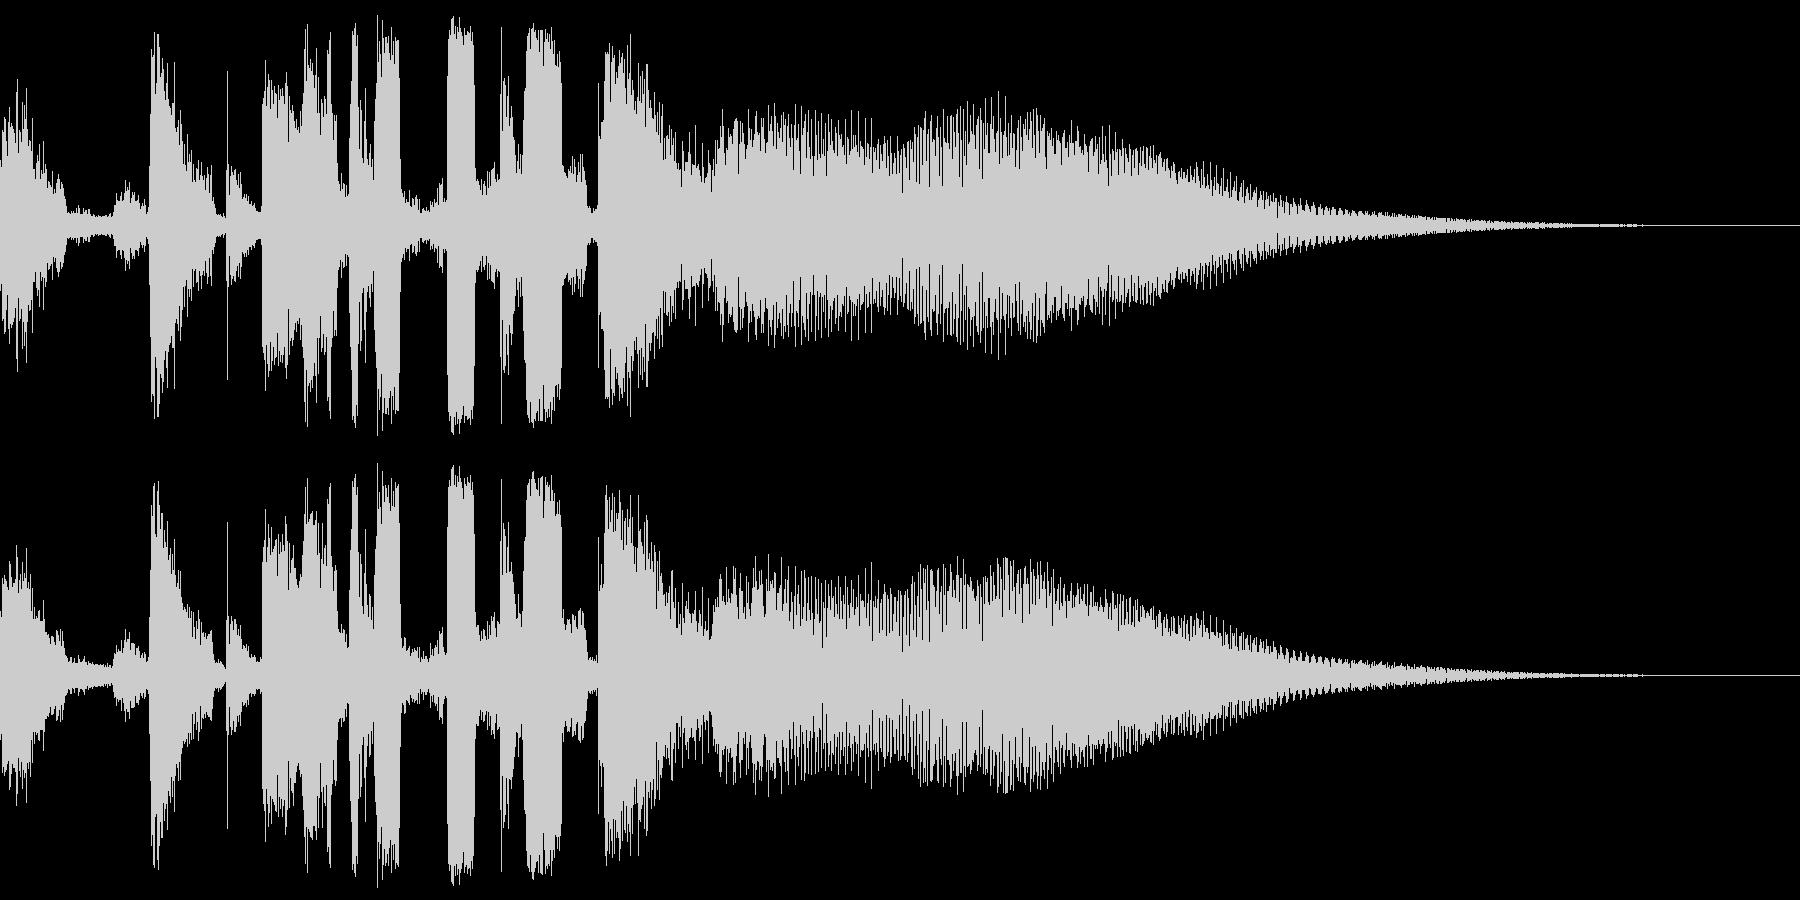 ハウス、クラブミュージック系のジングルの未再生の波形